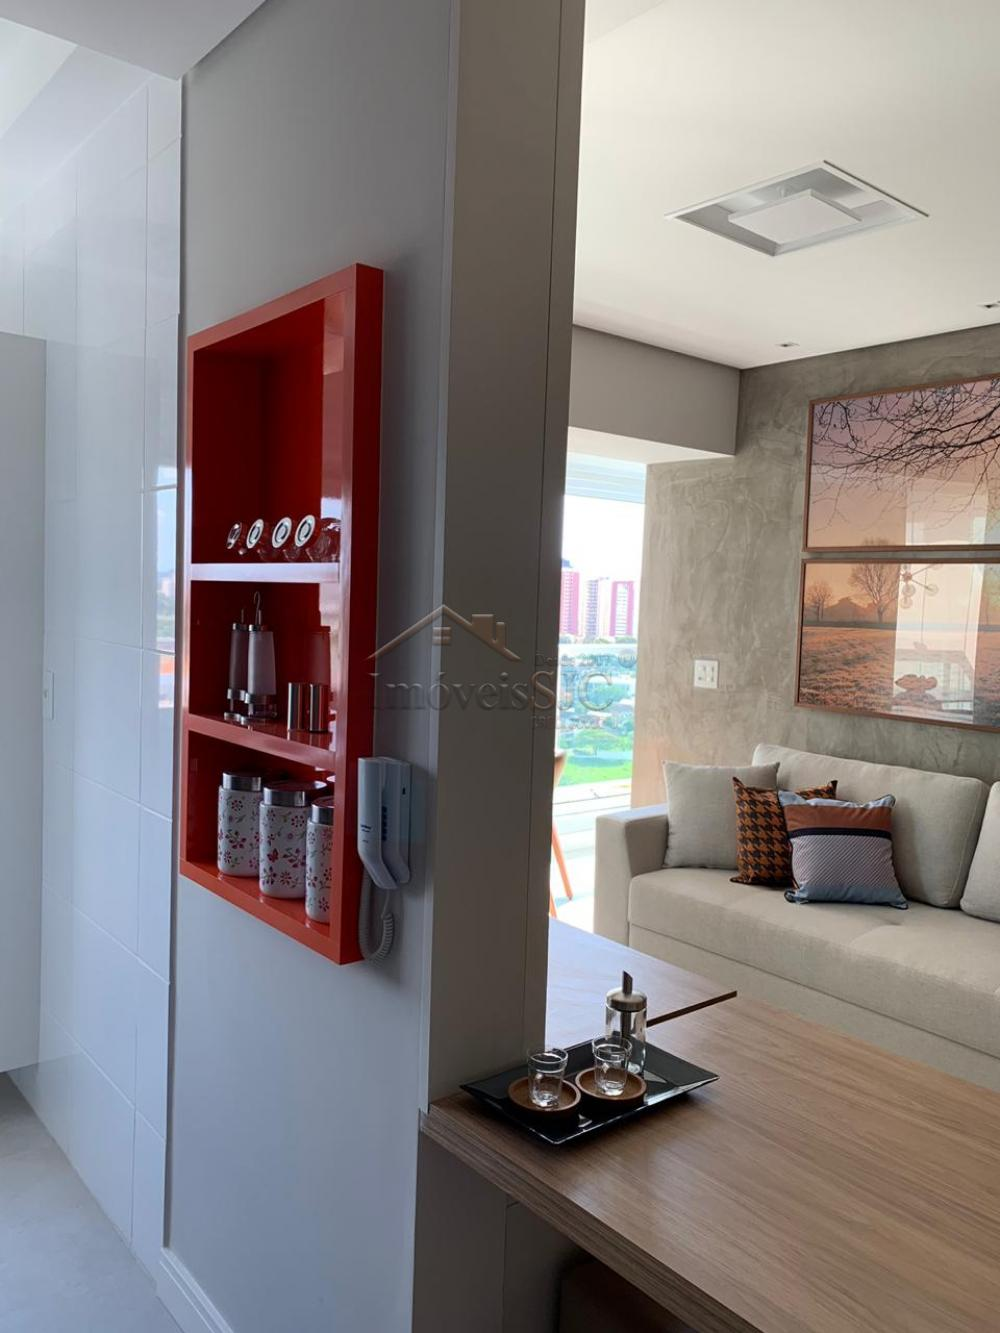 Alugar Apartamentos / Flat em São José dos Campos apenas R$ 2.800,00 - Foto 3